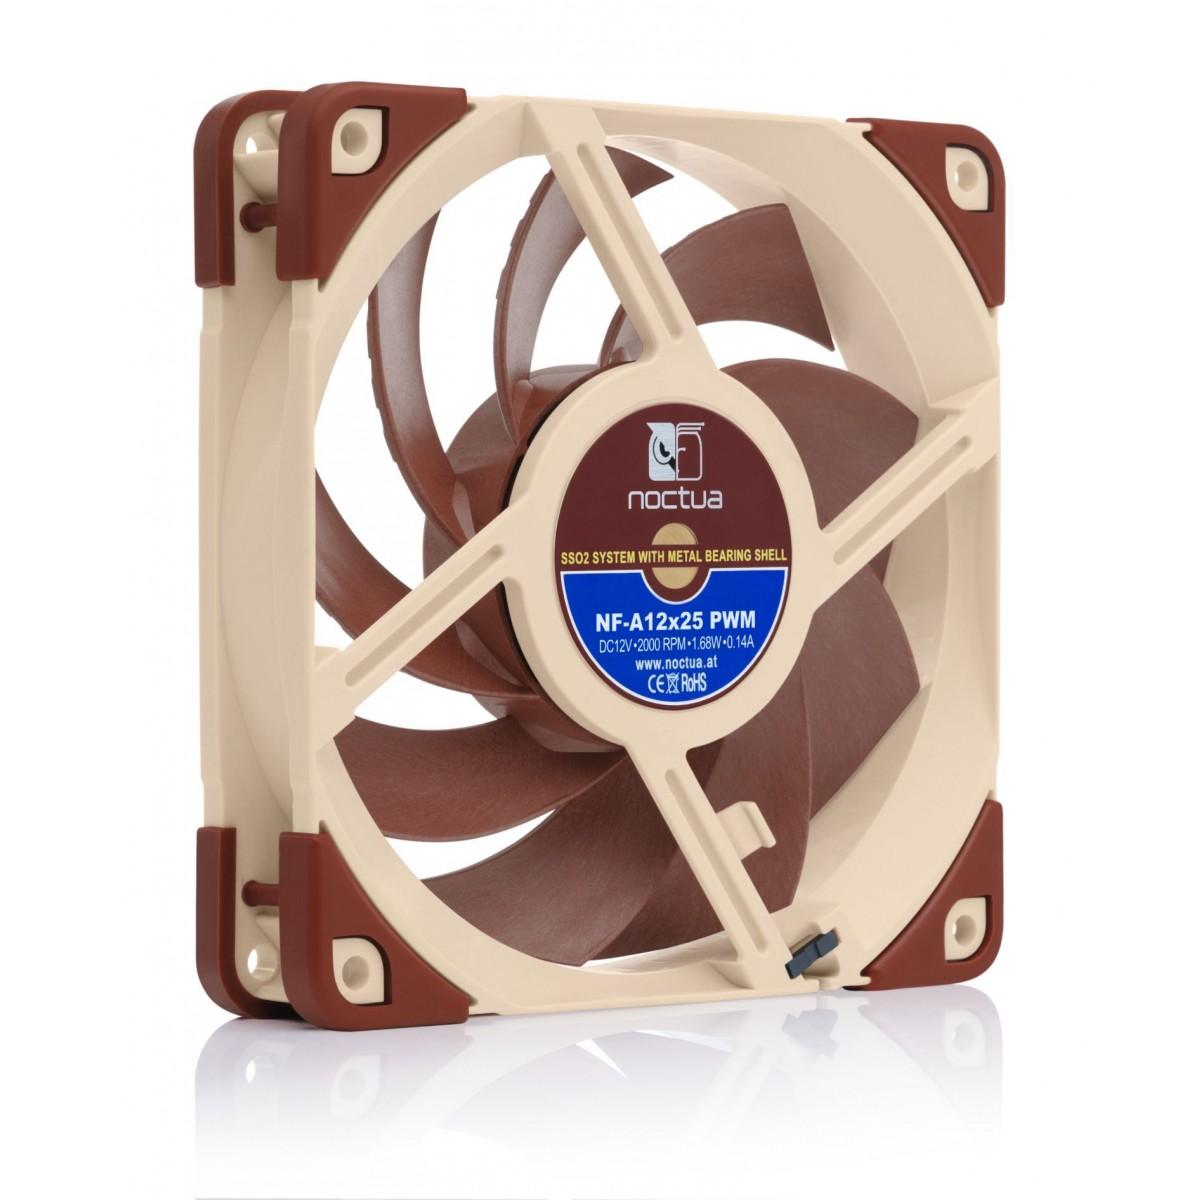 Cooler para Gabinete Noctua NF-A12x25 PWM, Beige, 120mm, NF-A12x25 PWM